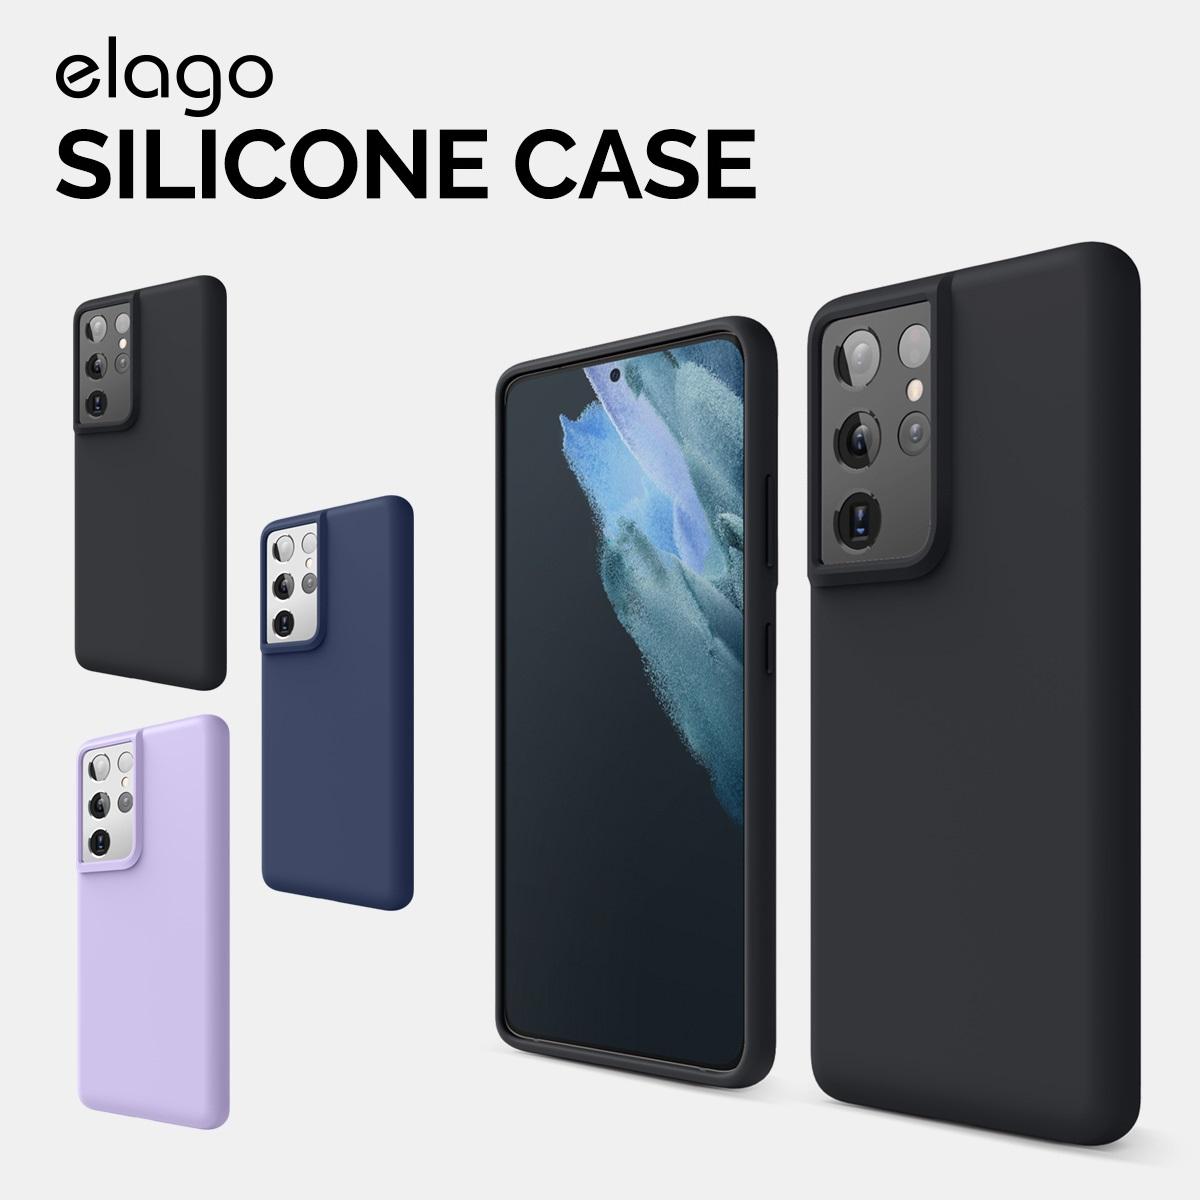 elago SILICONE CASE 2019 for Galaxy S21 Ultra